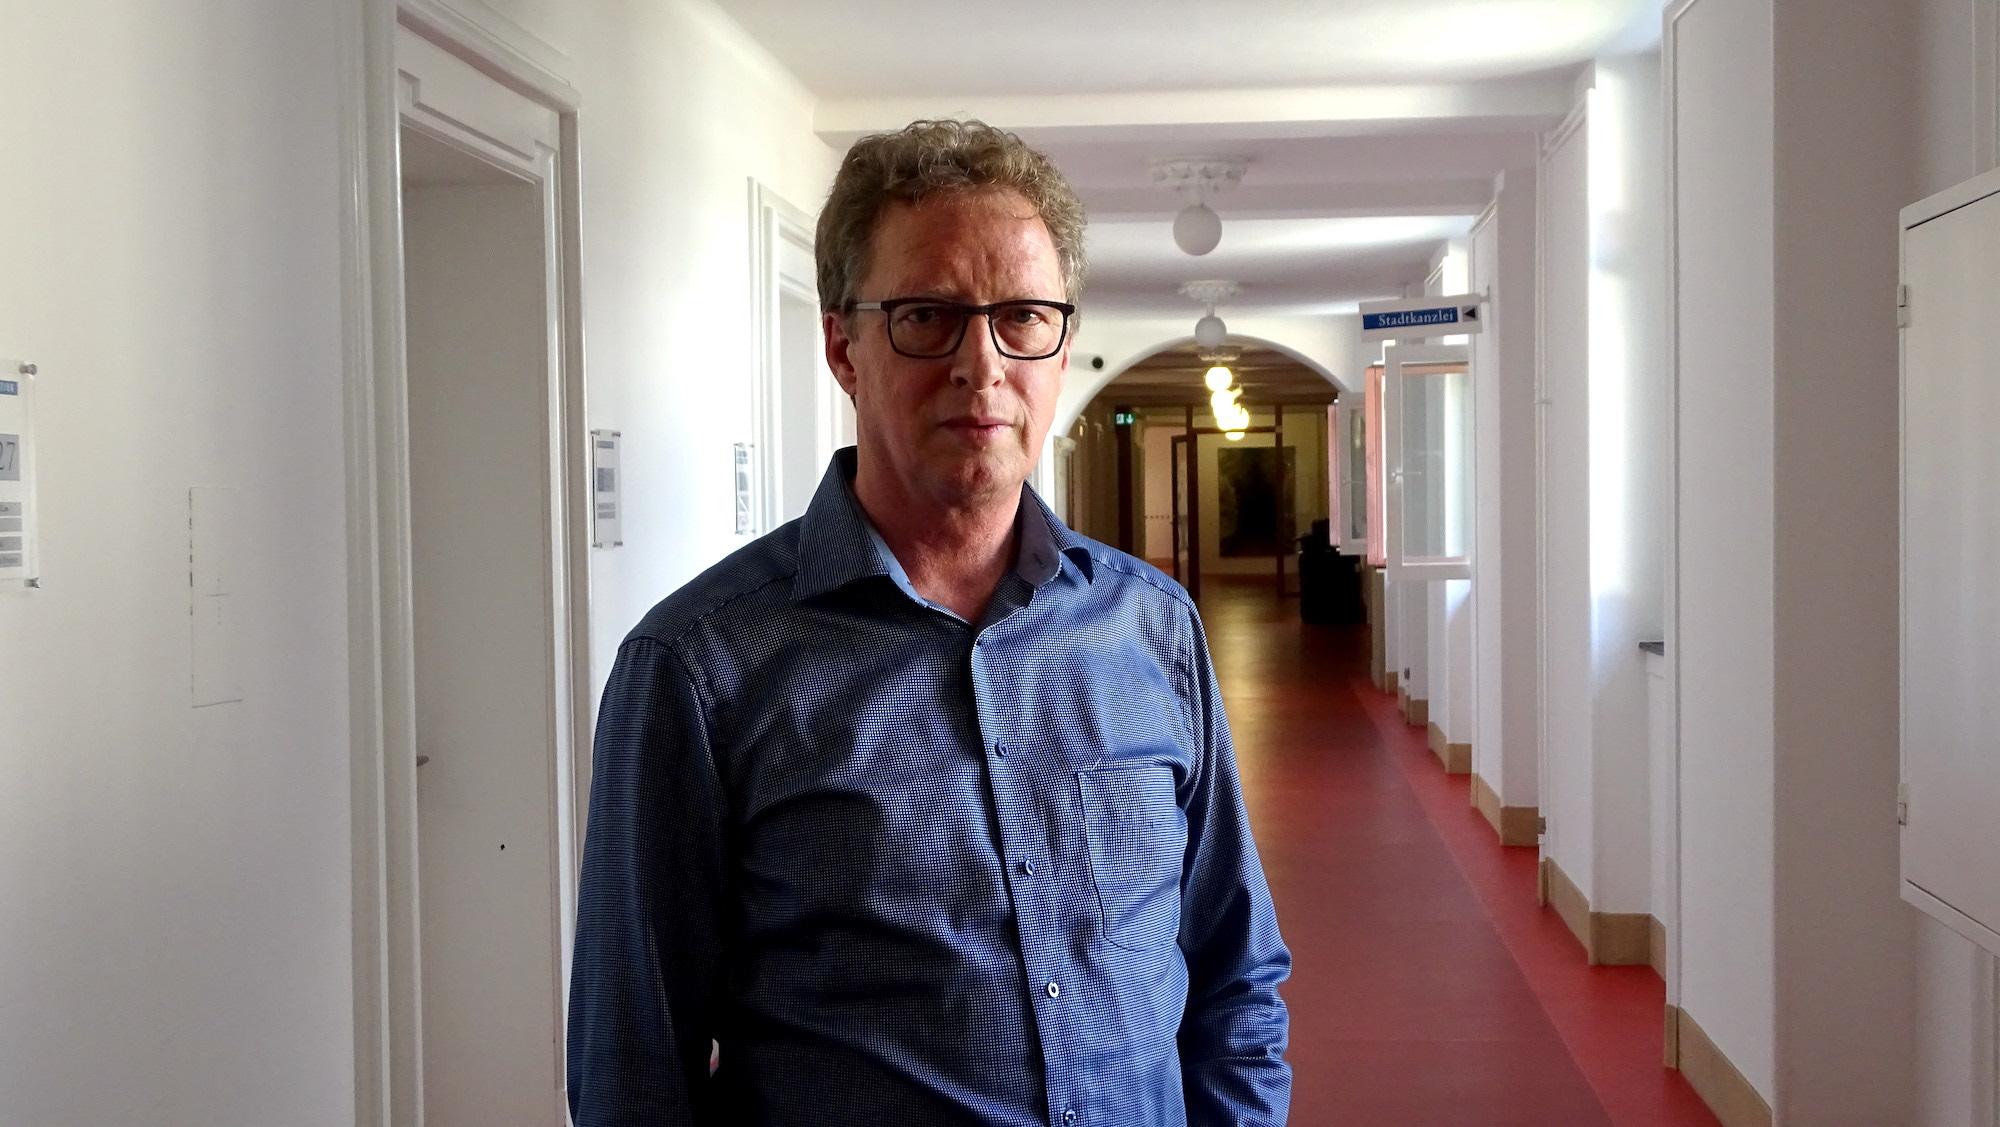 Bruno Gsteiger, Projektleiter Nutzungsplanung der Stadt Luzern.